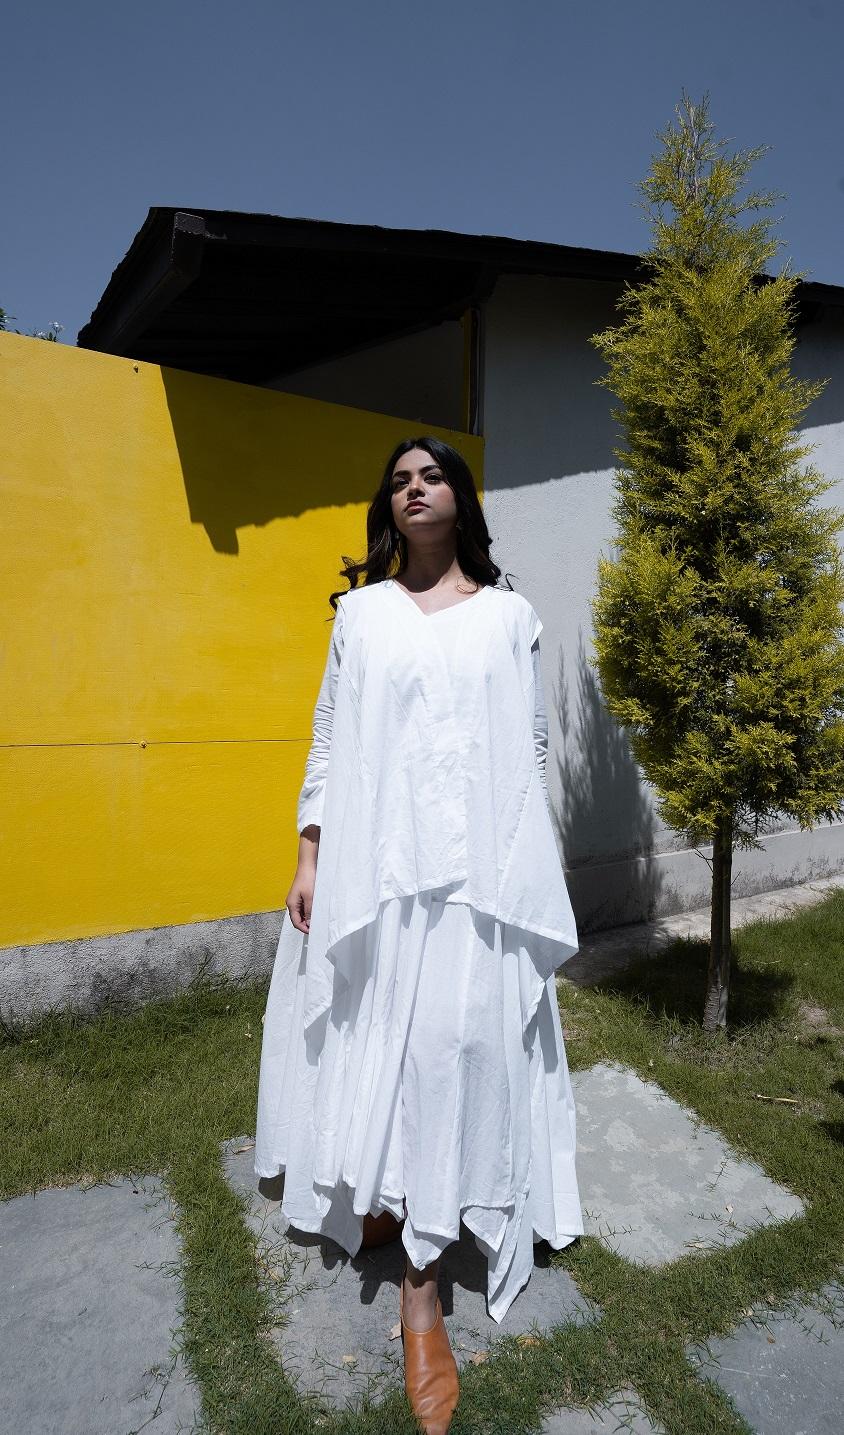 OurDve | MOCKING BRID DRESS WITH JACKET WHITE